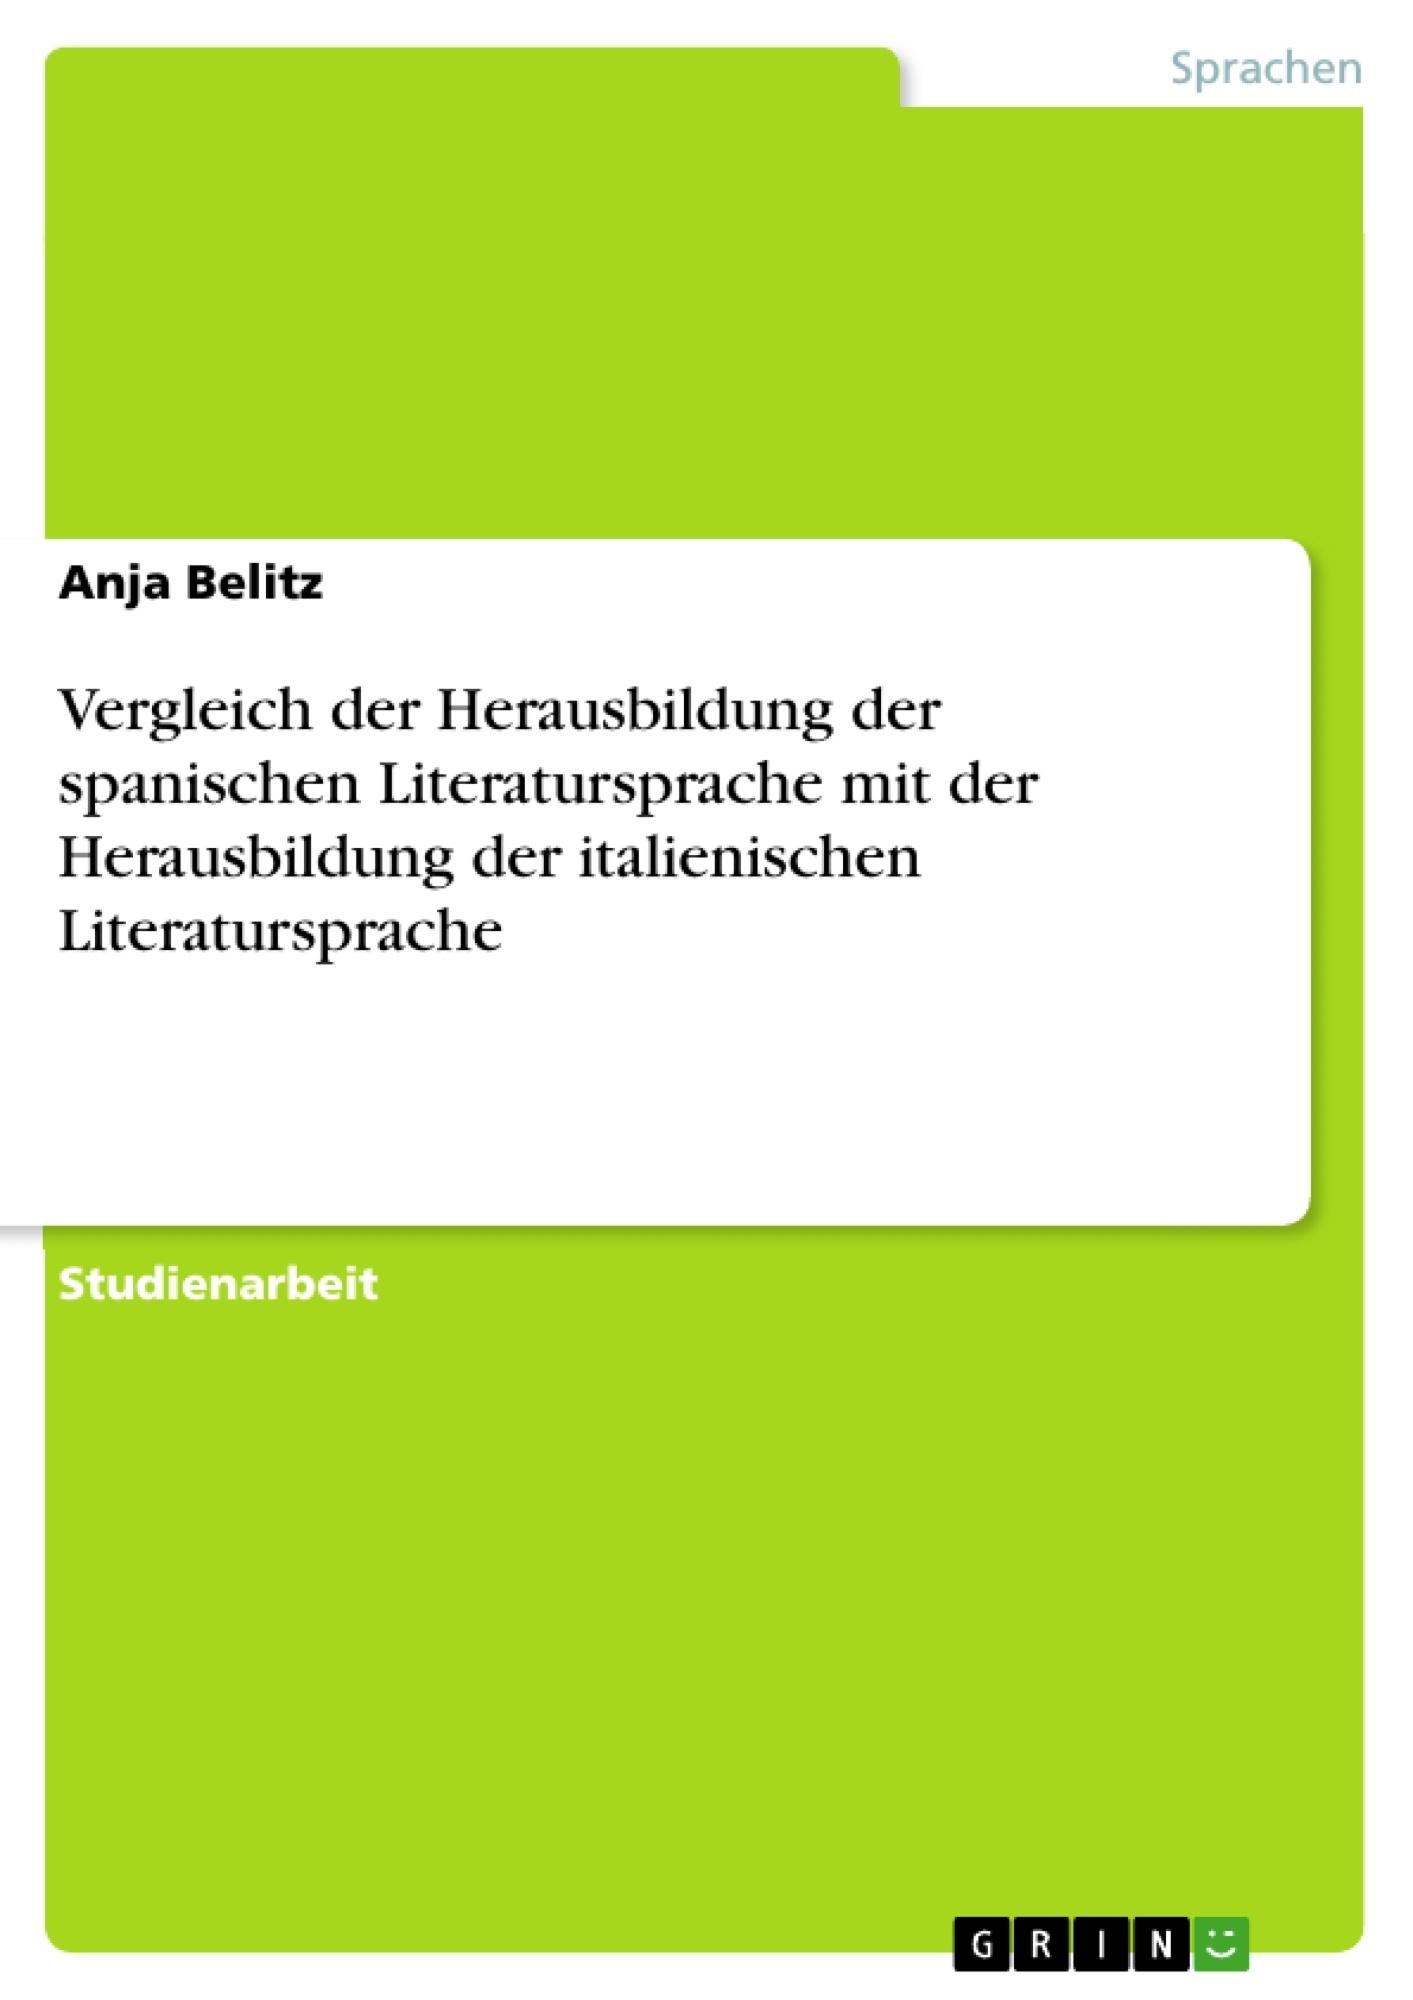 Titel: Vergleich der Herausbildung der spanischen Literatursprache mit der Herausbildung der italienischen Literatursprache